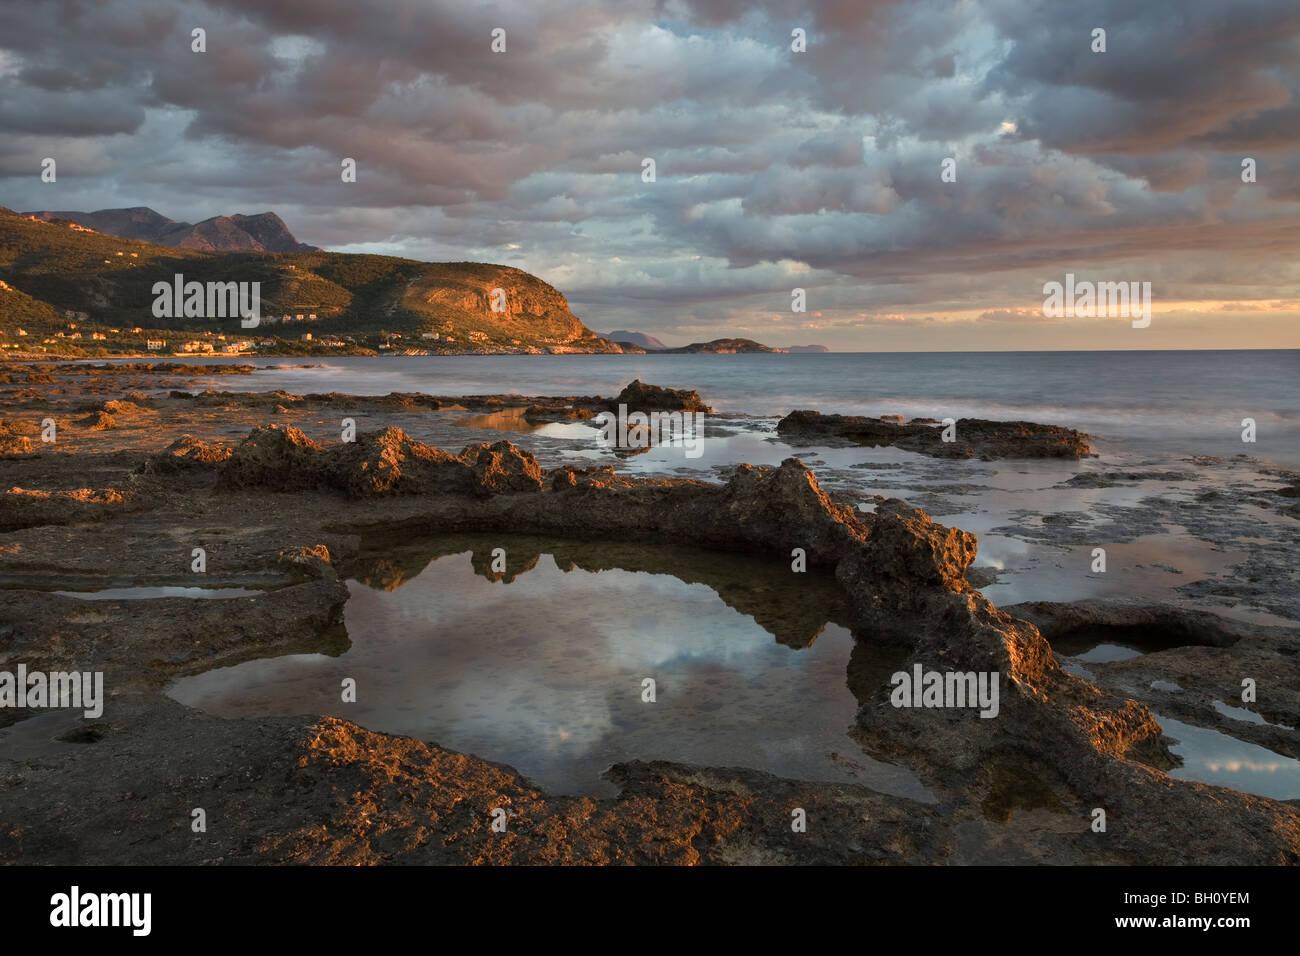 Afficher le long de la côte entre Agios Nikolaos et Agios Dimitrios dans le sud du Péloponnèse de Photo Stock